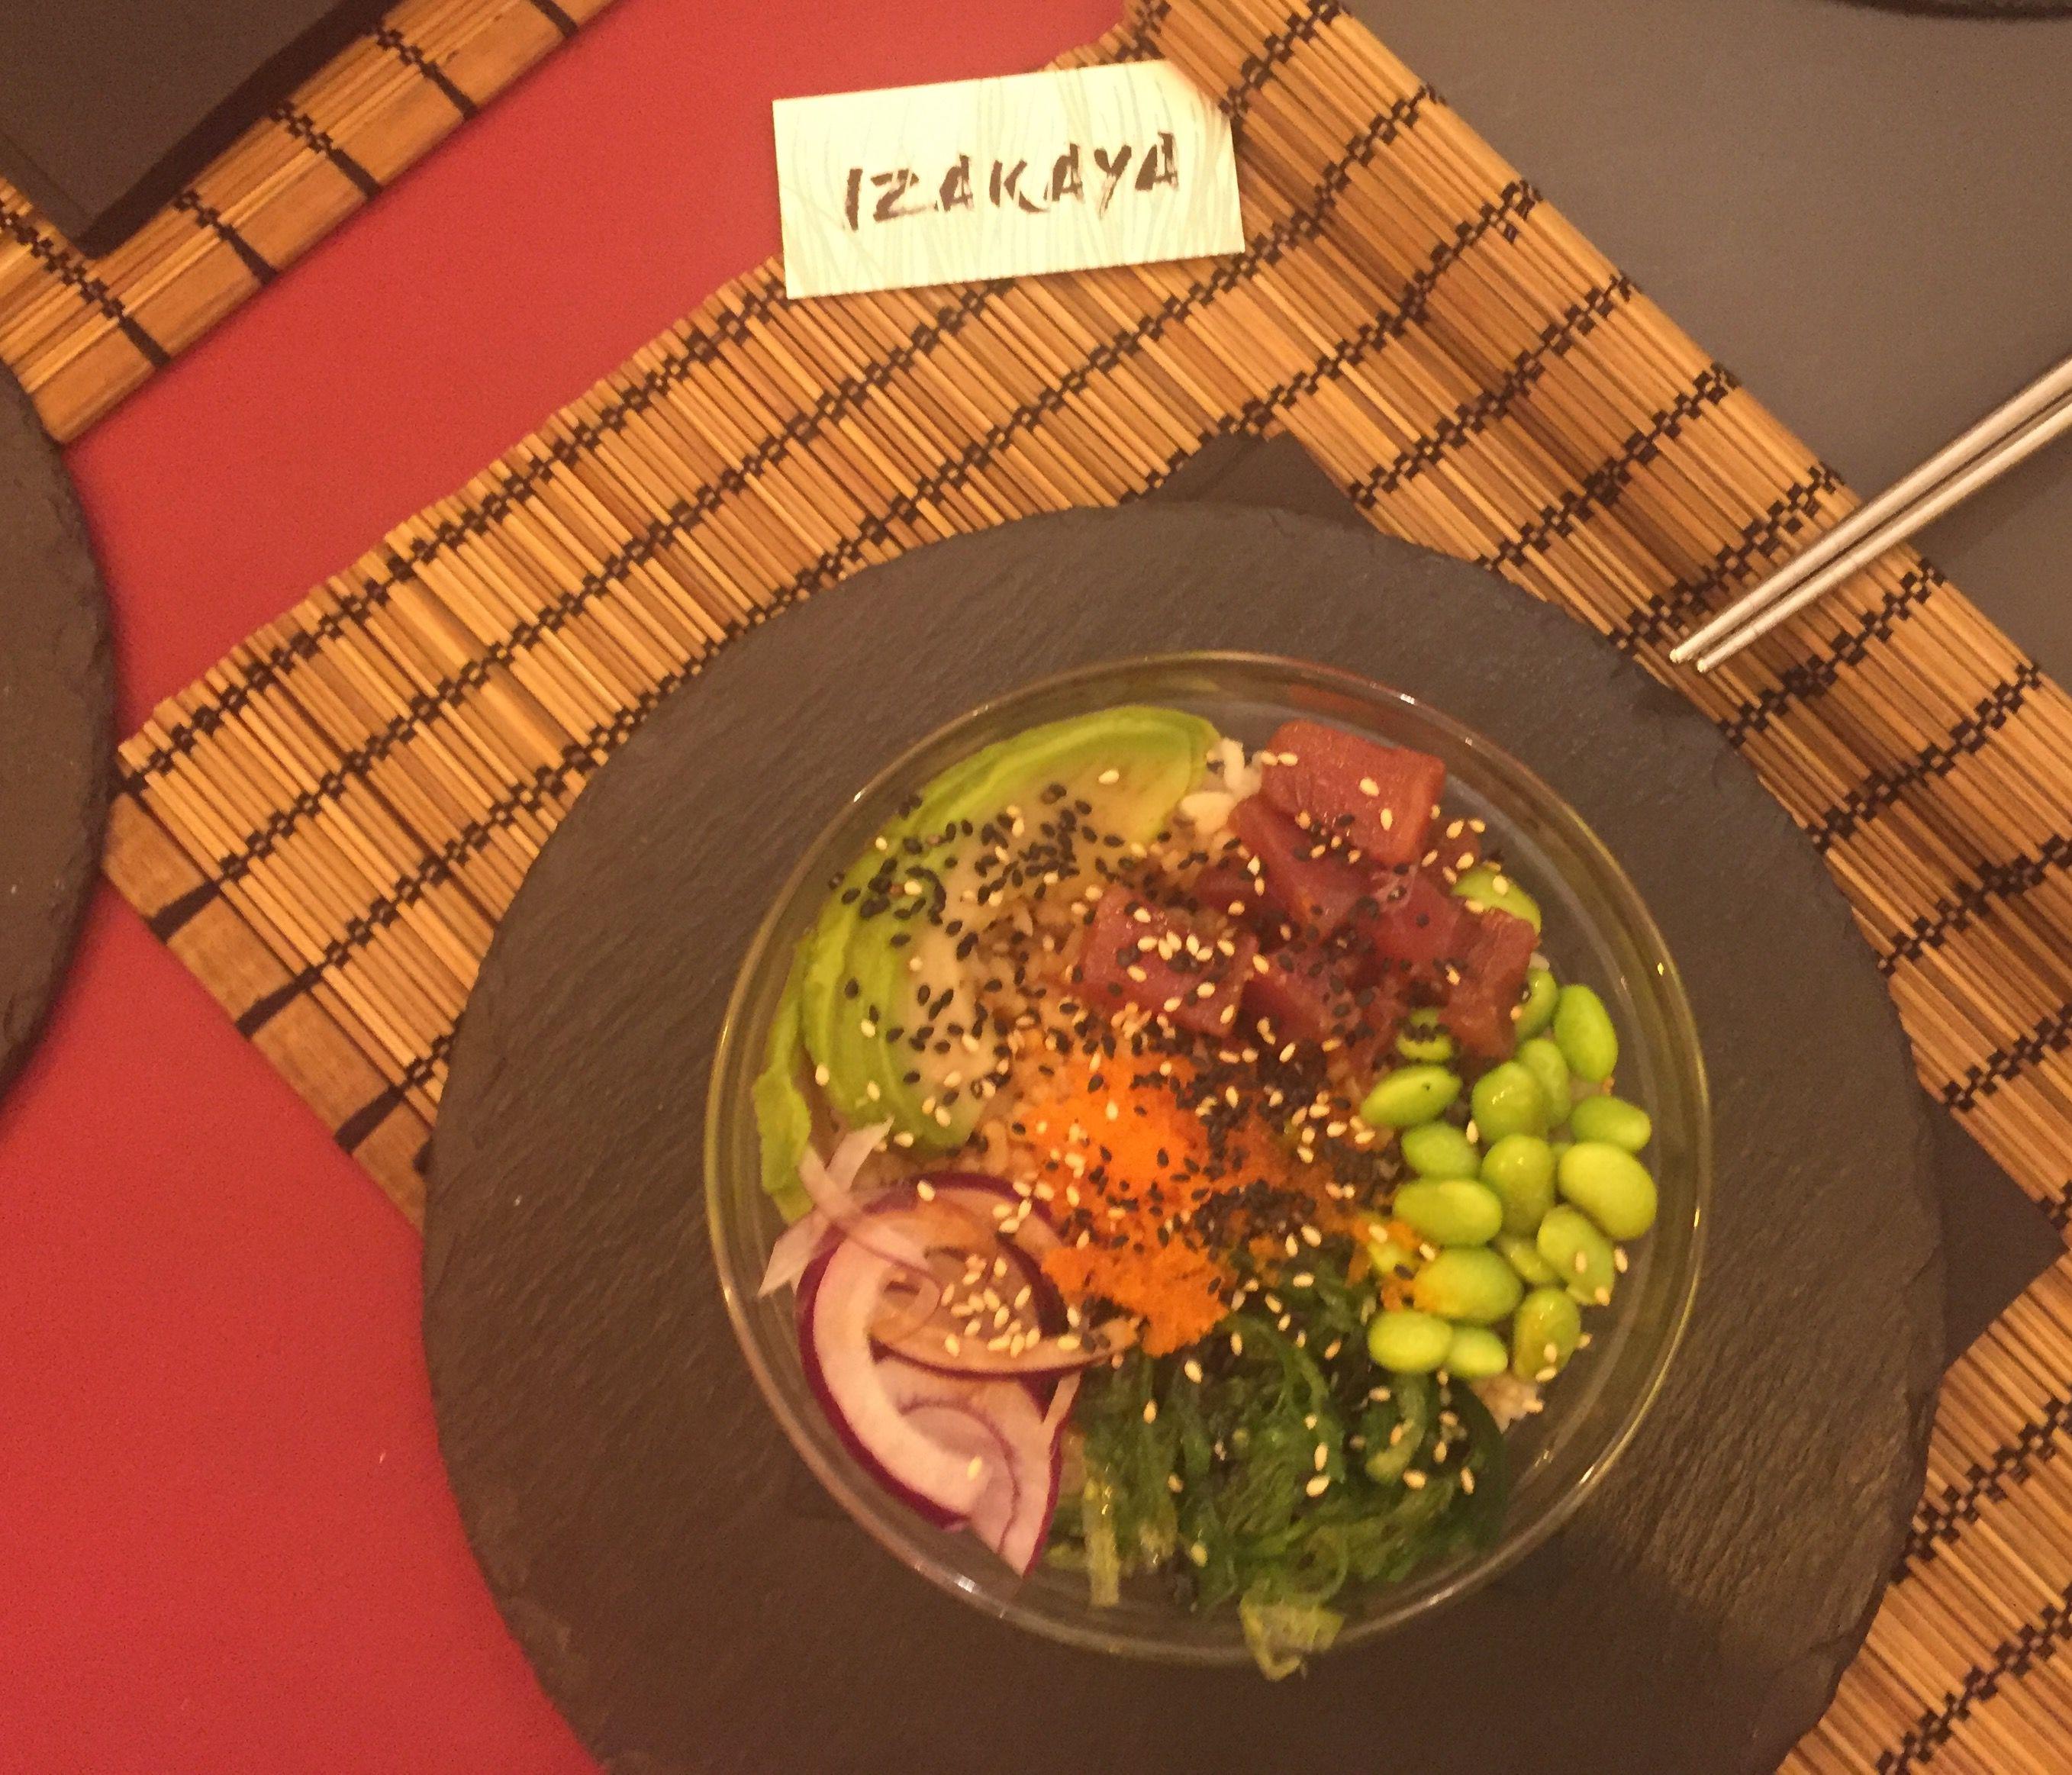 El restaurante asiático Izakaya celebra su primer aniversario con nuevas y atractivas propuestas